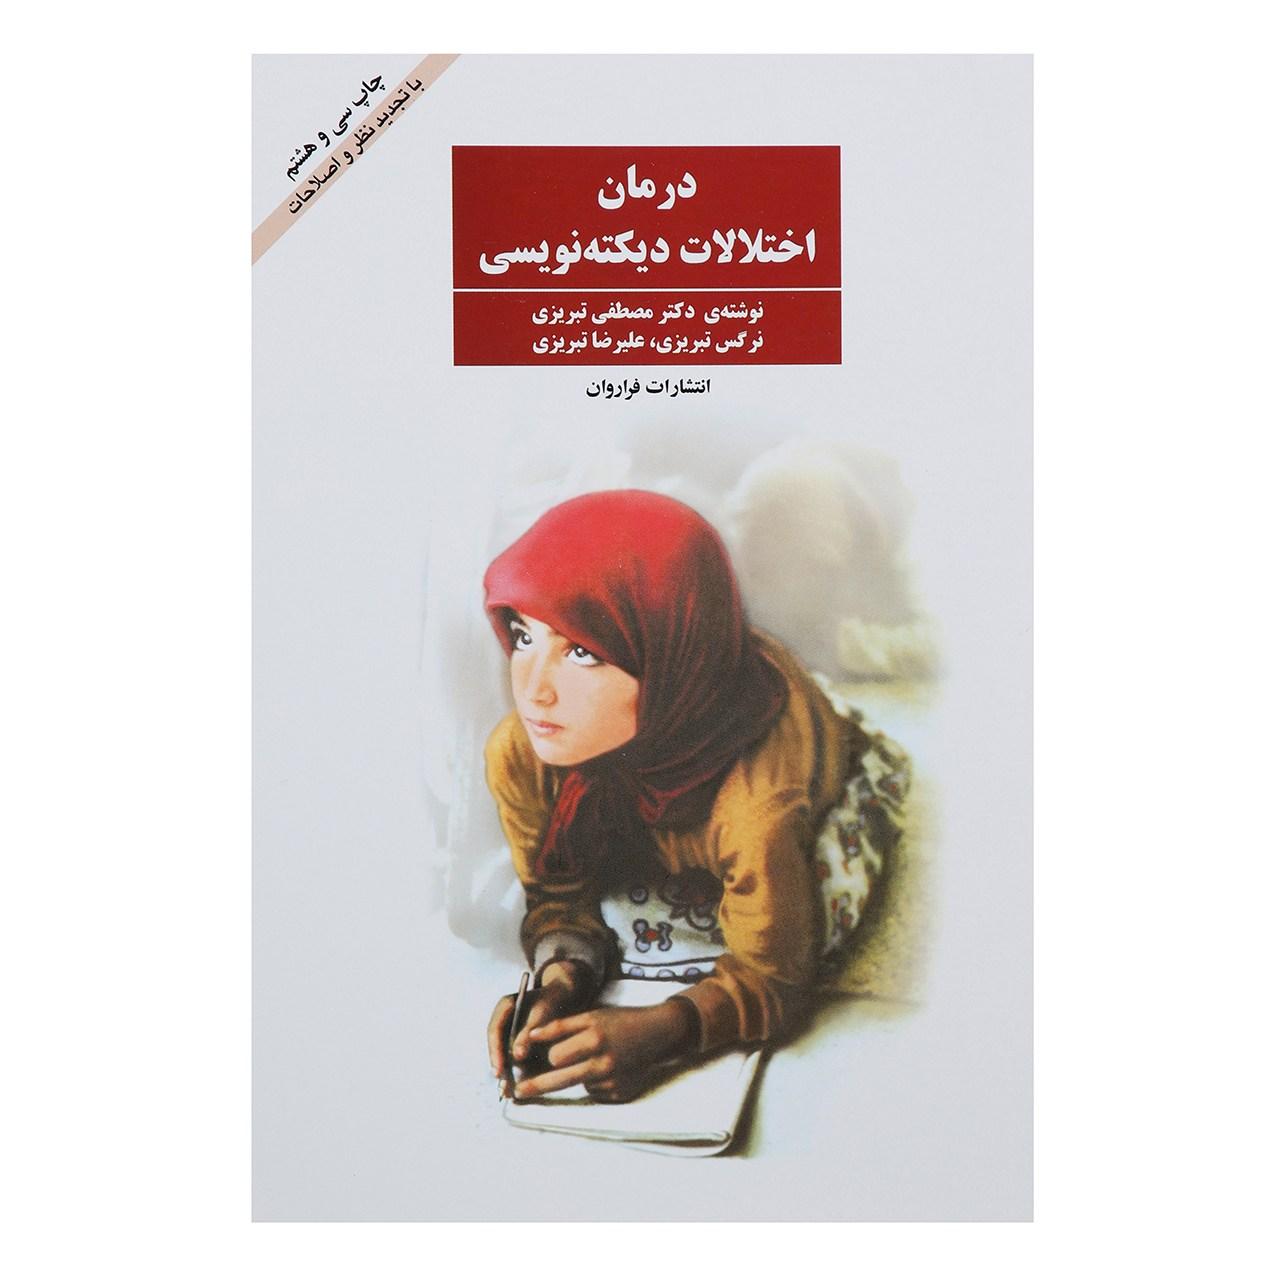 کتاب درمان اختلالات دیکته نویسی اثر مصطفی تبریزی